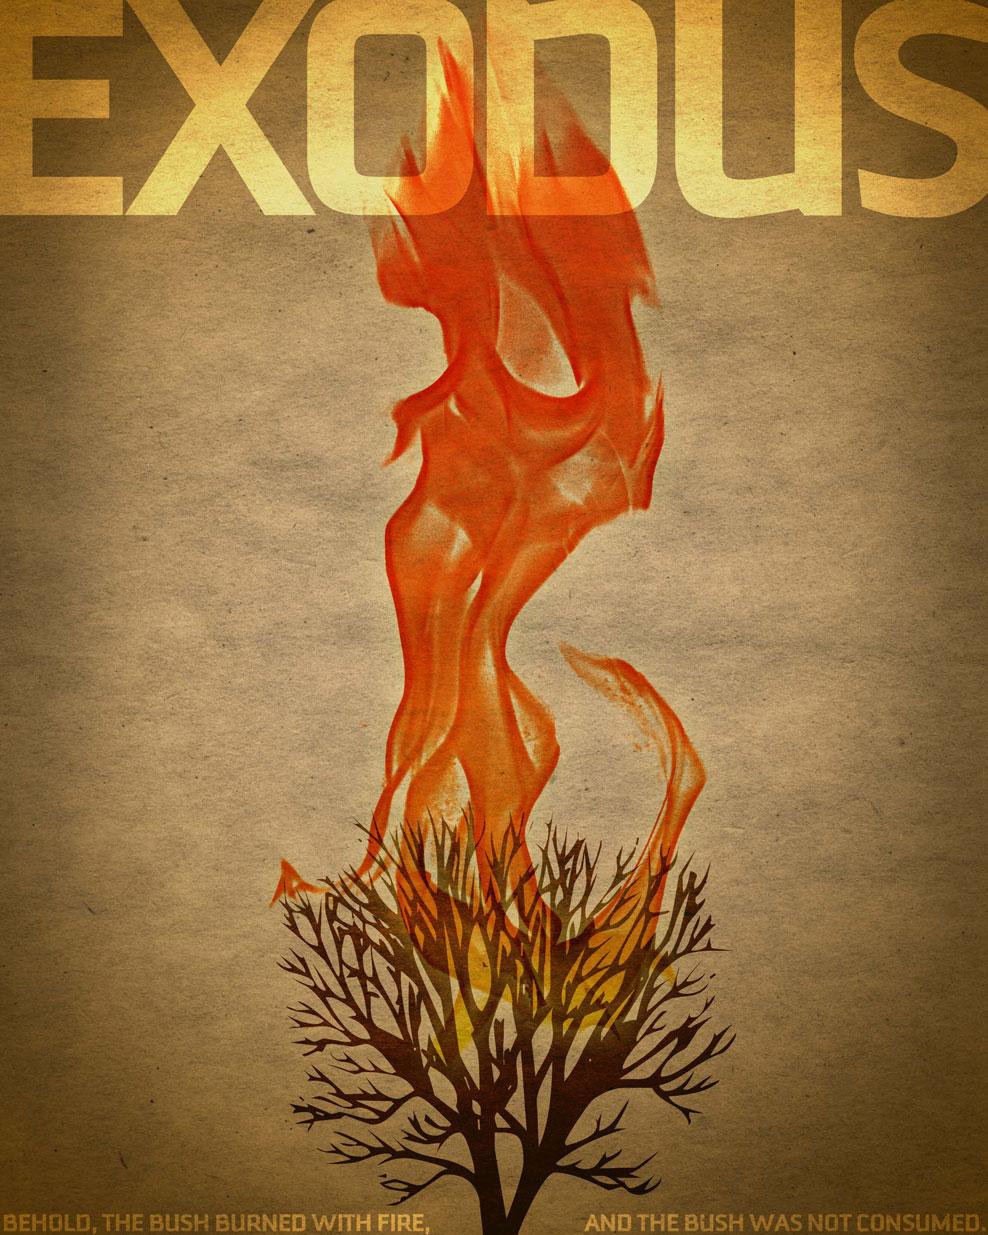 Word-8x10_02-Exodus_988.jpg